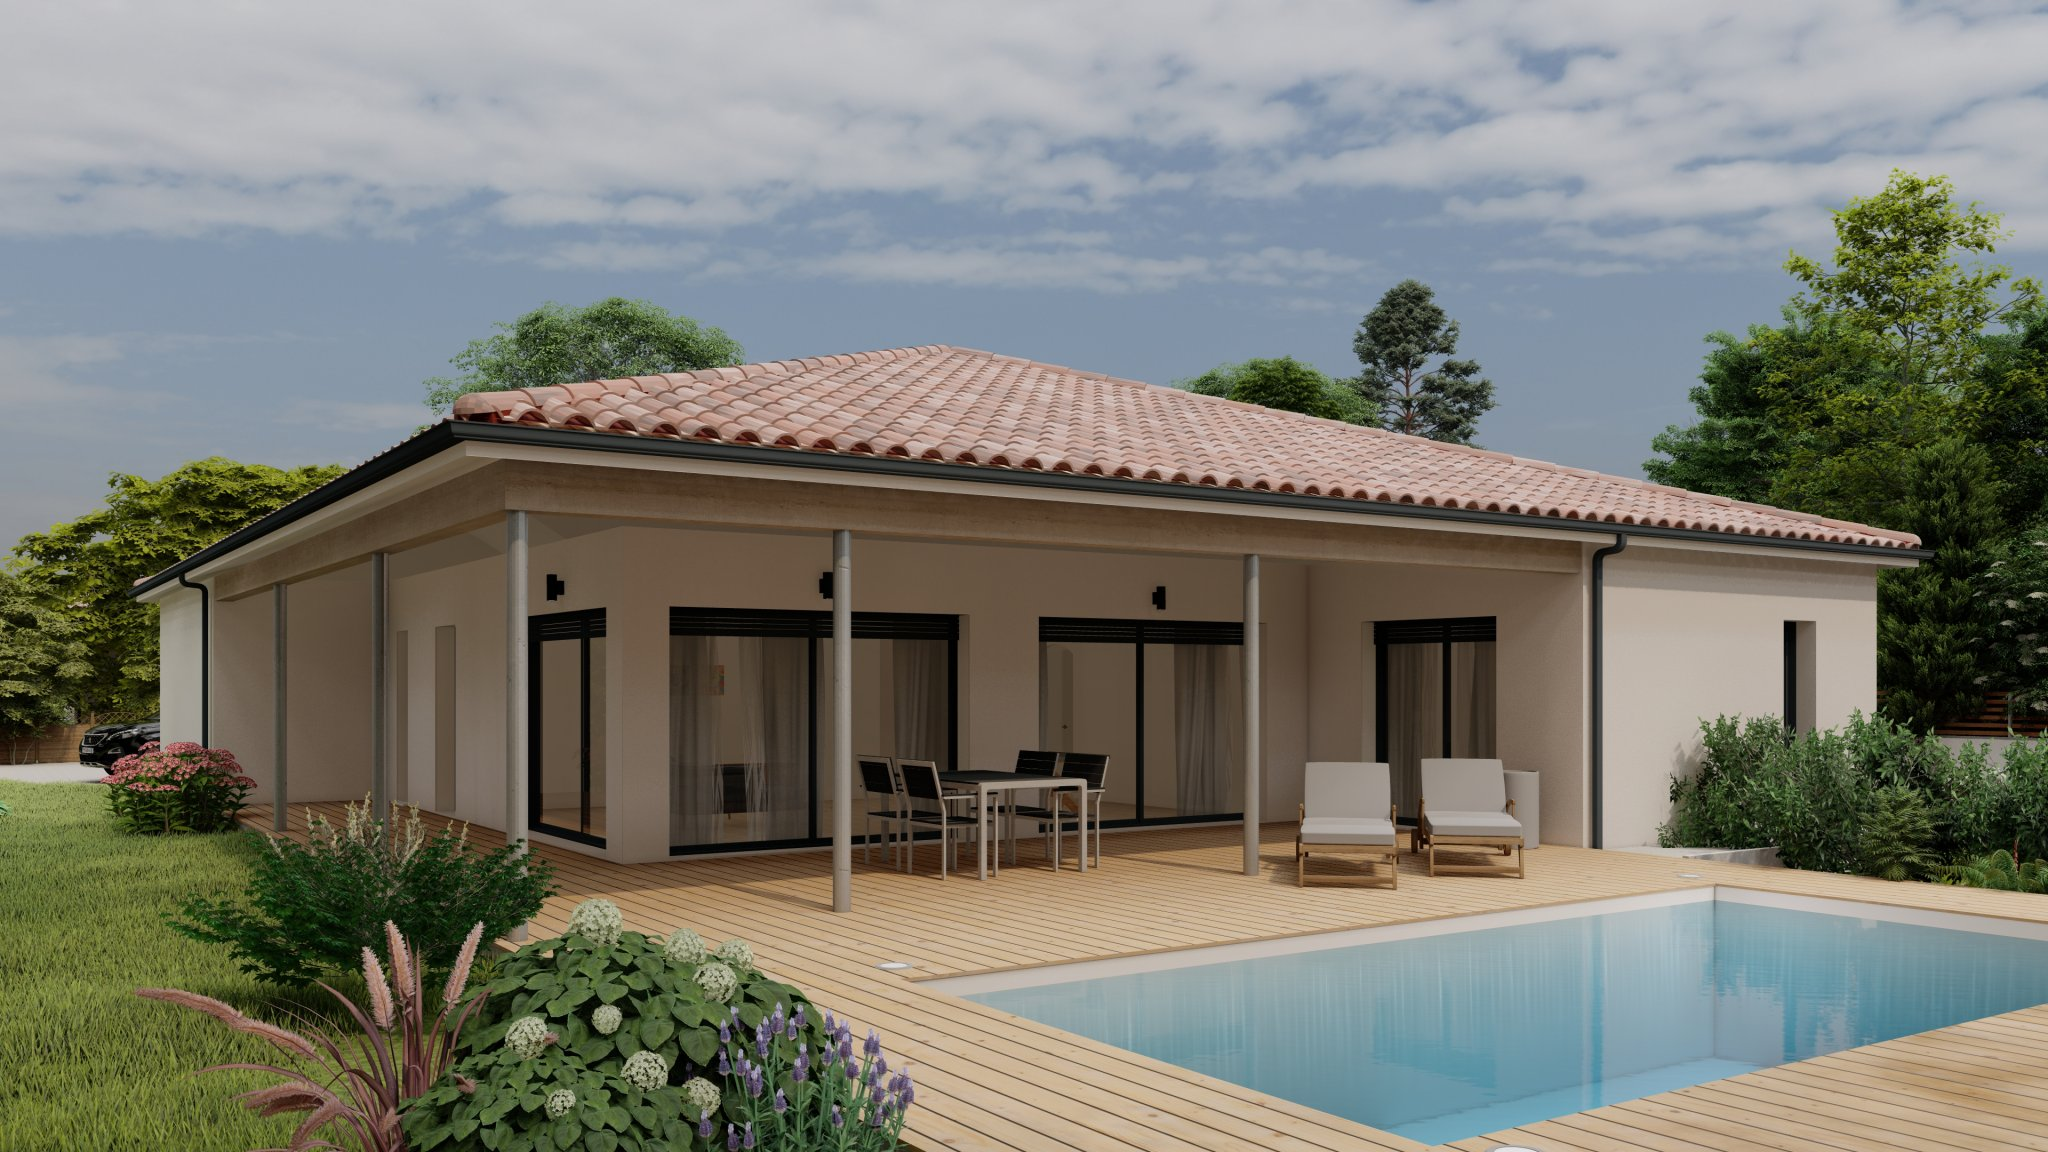 Vente maison à Bretagne de marsan (40280) de 127 m2 habitable sur terrain de 686 m2